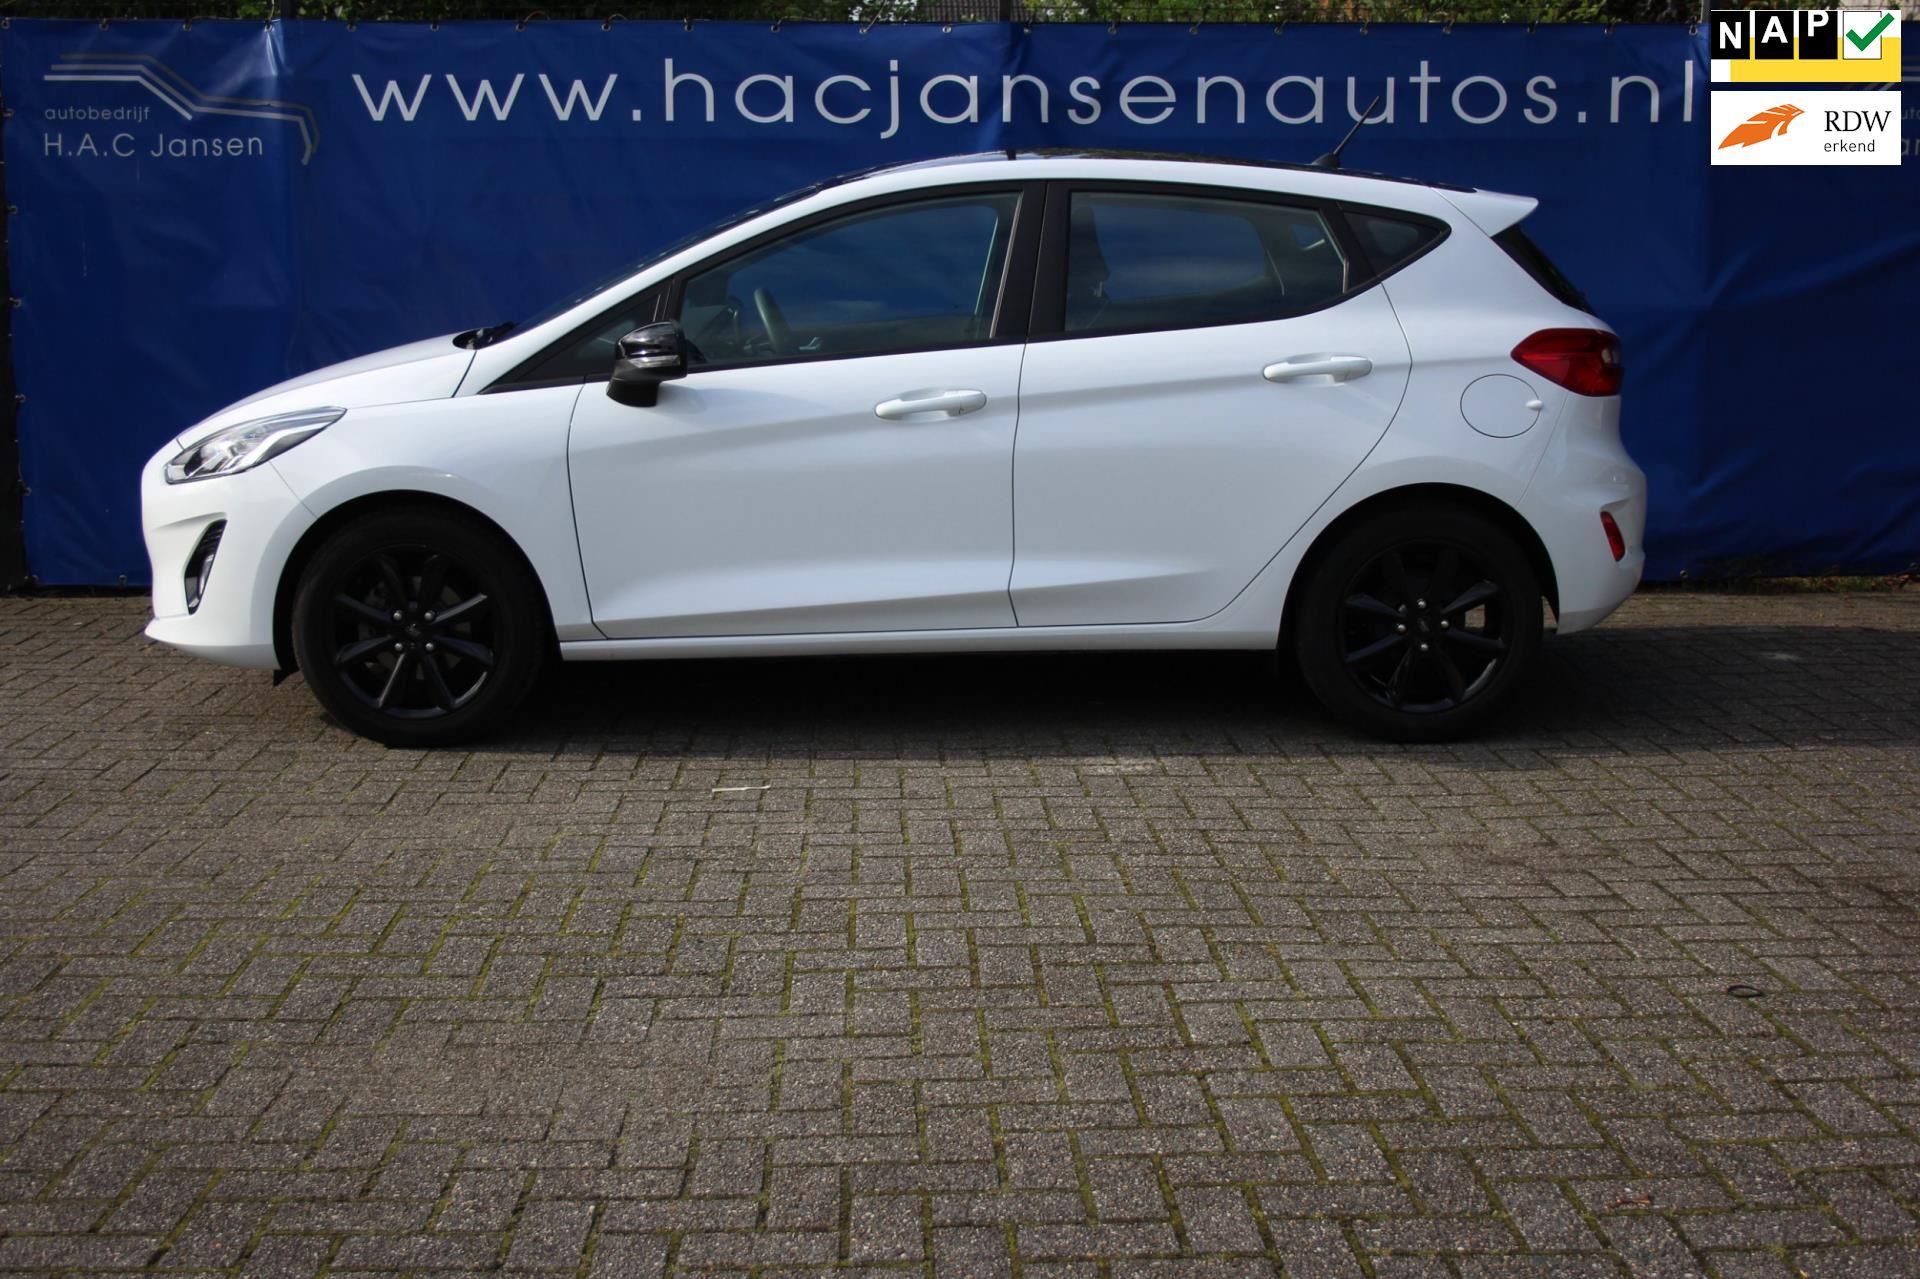 Ford Fiesta occasion - Autobedr. VOF HAC Jansen